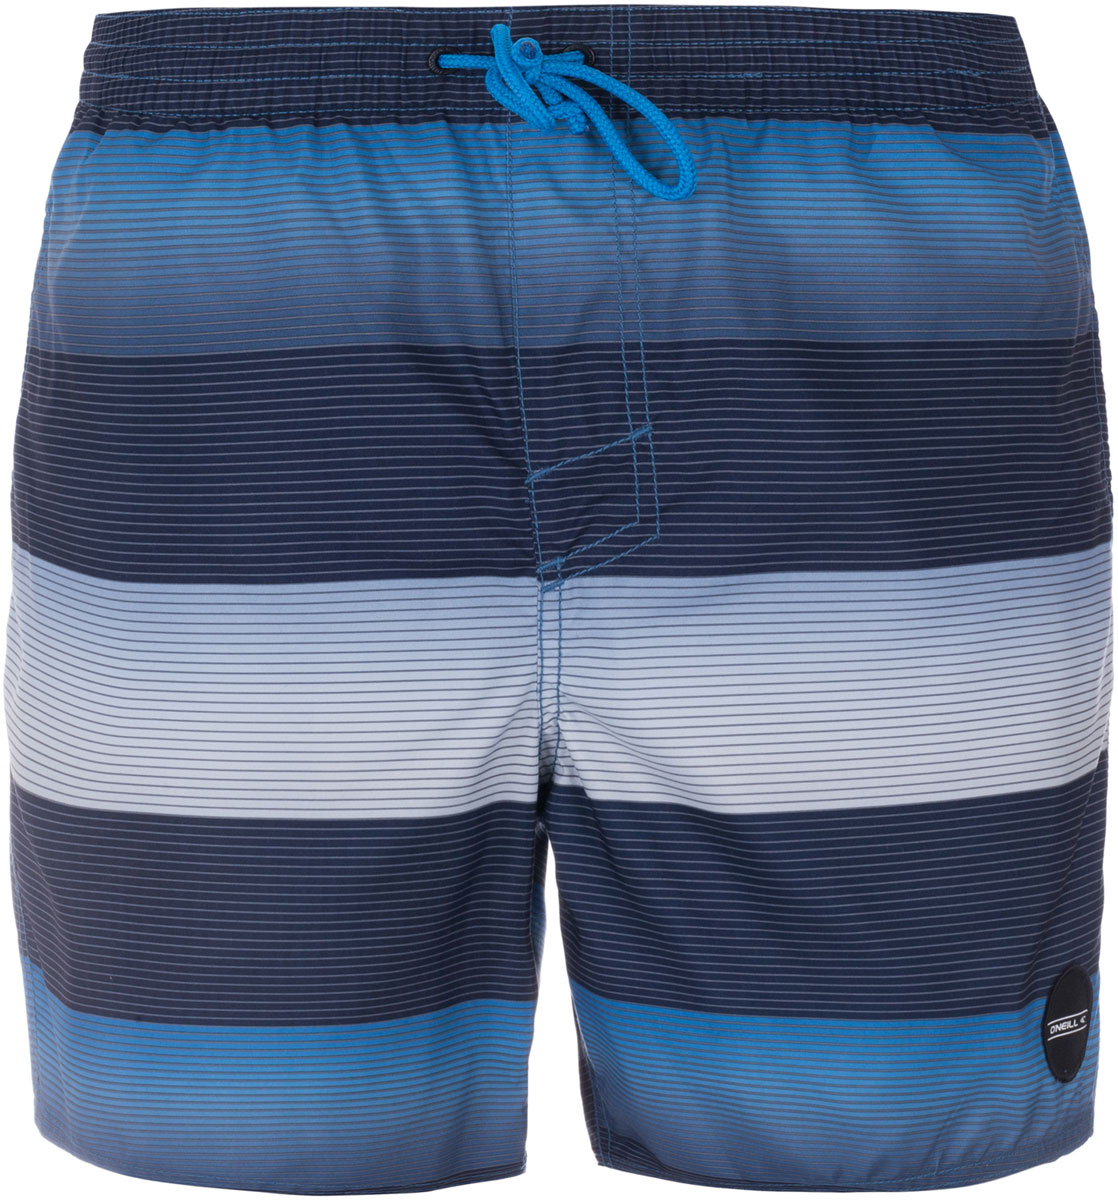 Шорты пляжные мужские ONeill Pm Santa Cruz Stripe Shorts, цвет: синий, белый, голубой. 7A3674-5900. Размер L (50/52)7A3674-5900Мужские пляжные шорты ONeill выполнены из 100% полиэстера. Технология Hyperdry надежно защищает от влаги, пропускает воздух и позволяет ткани быстро сохнуть. Пояс снабжен эластичной резинкой с затягивающимся шнурком для комфортной посадки. Изделие декорировано принтом в виде полосок.